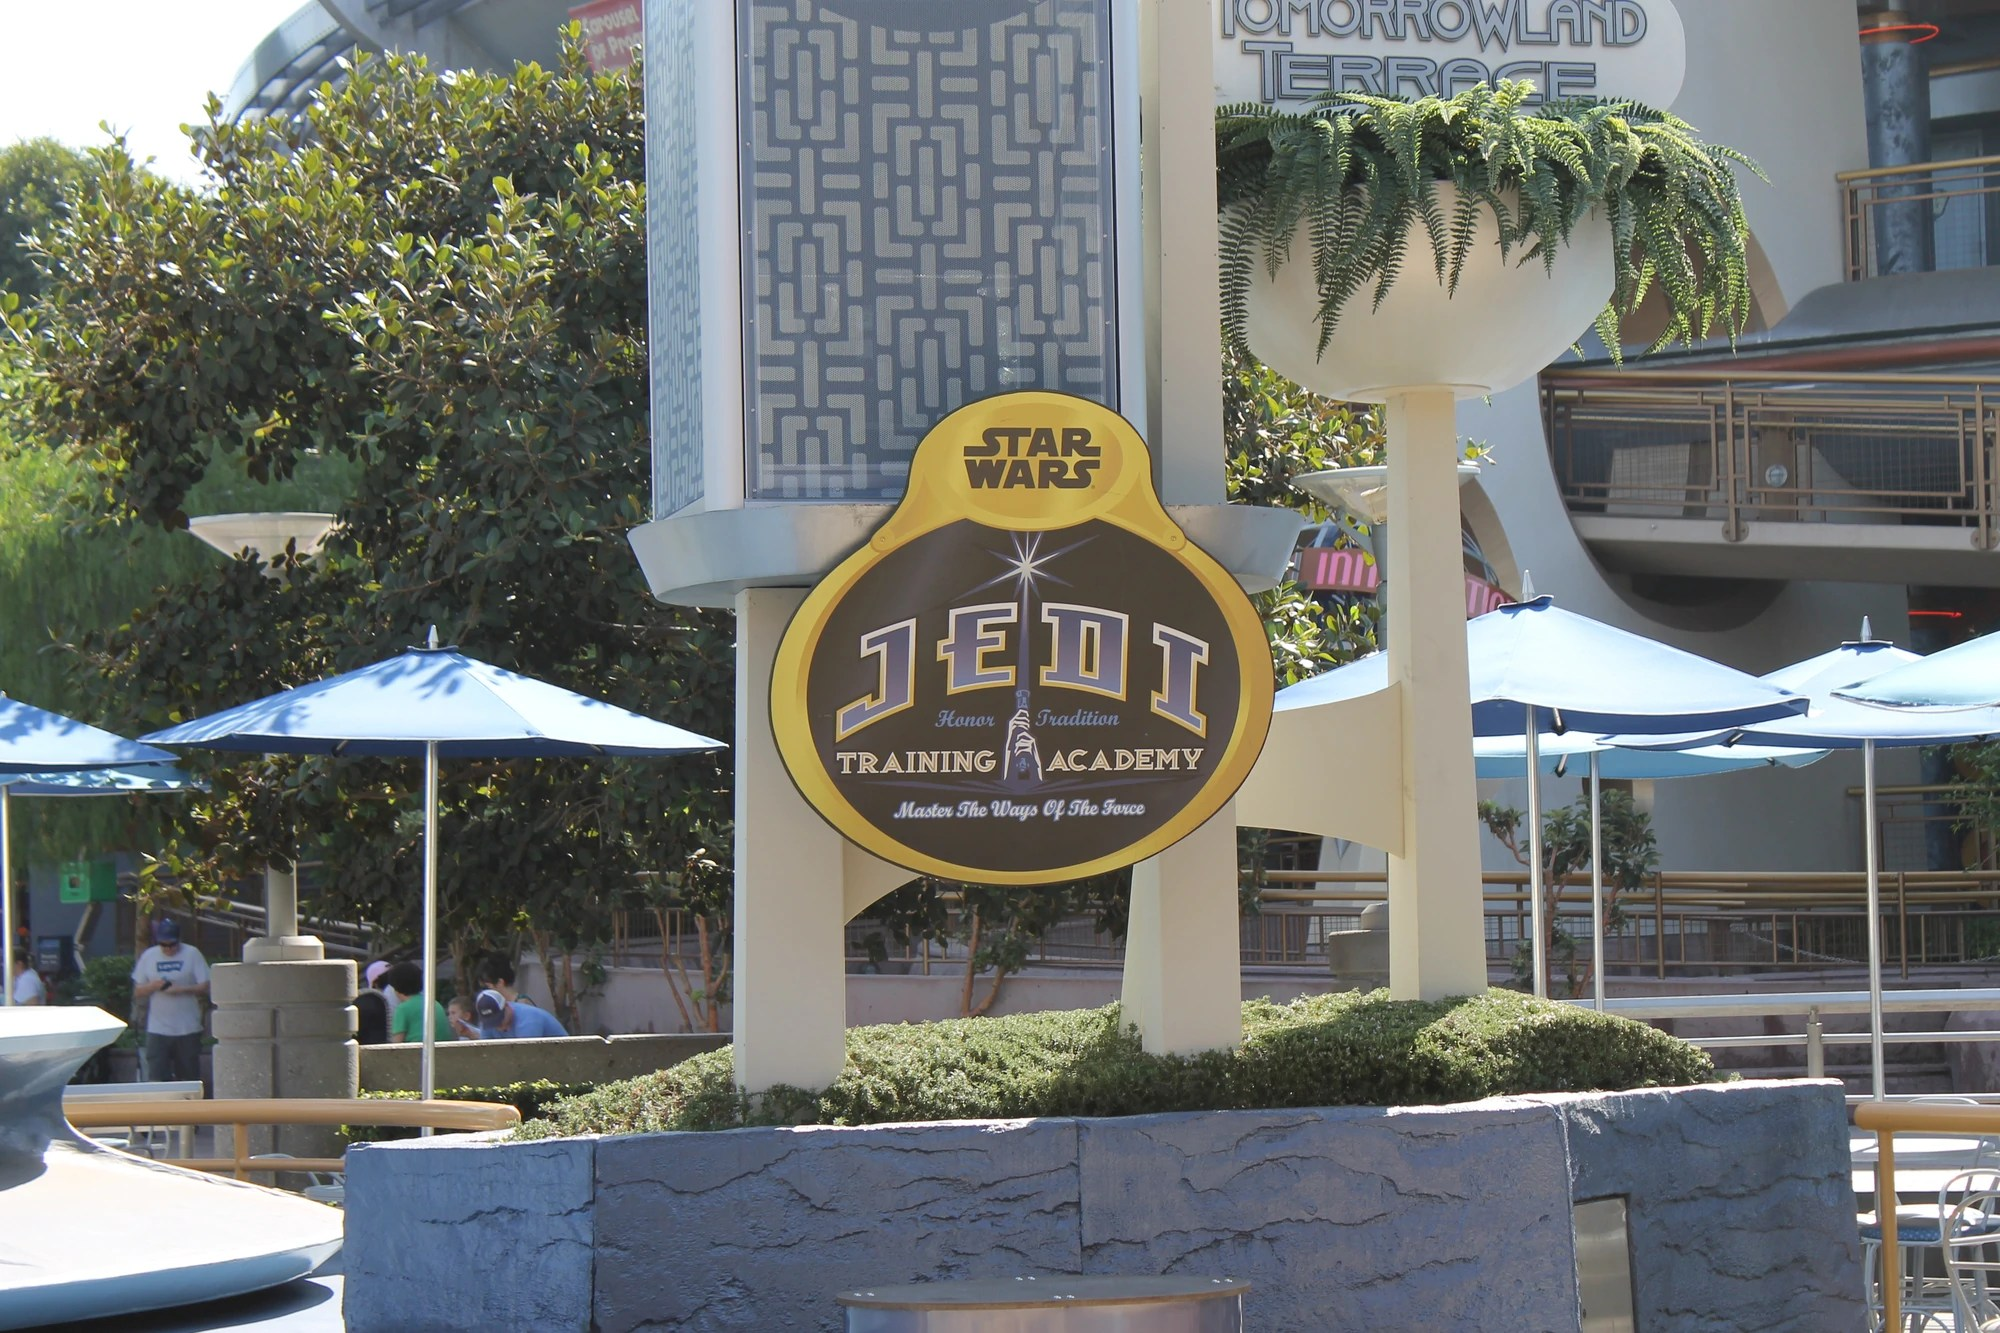 Jedi Training Academy Disney Parks Wiki Fandom Powered